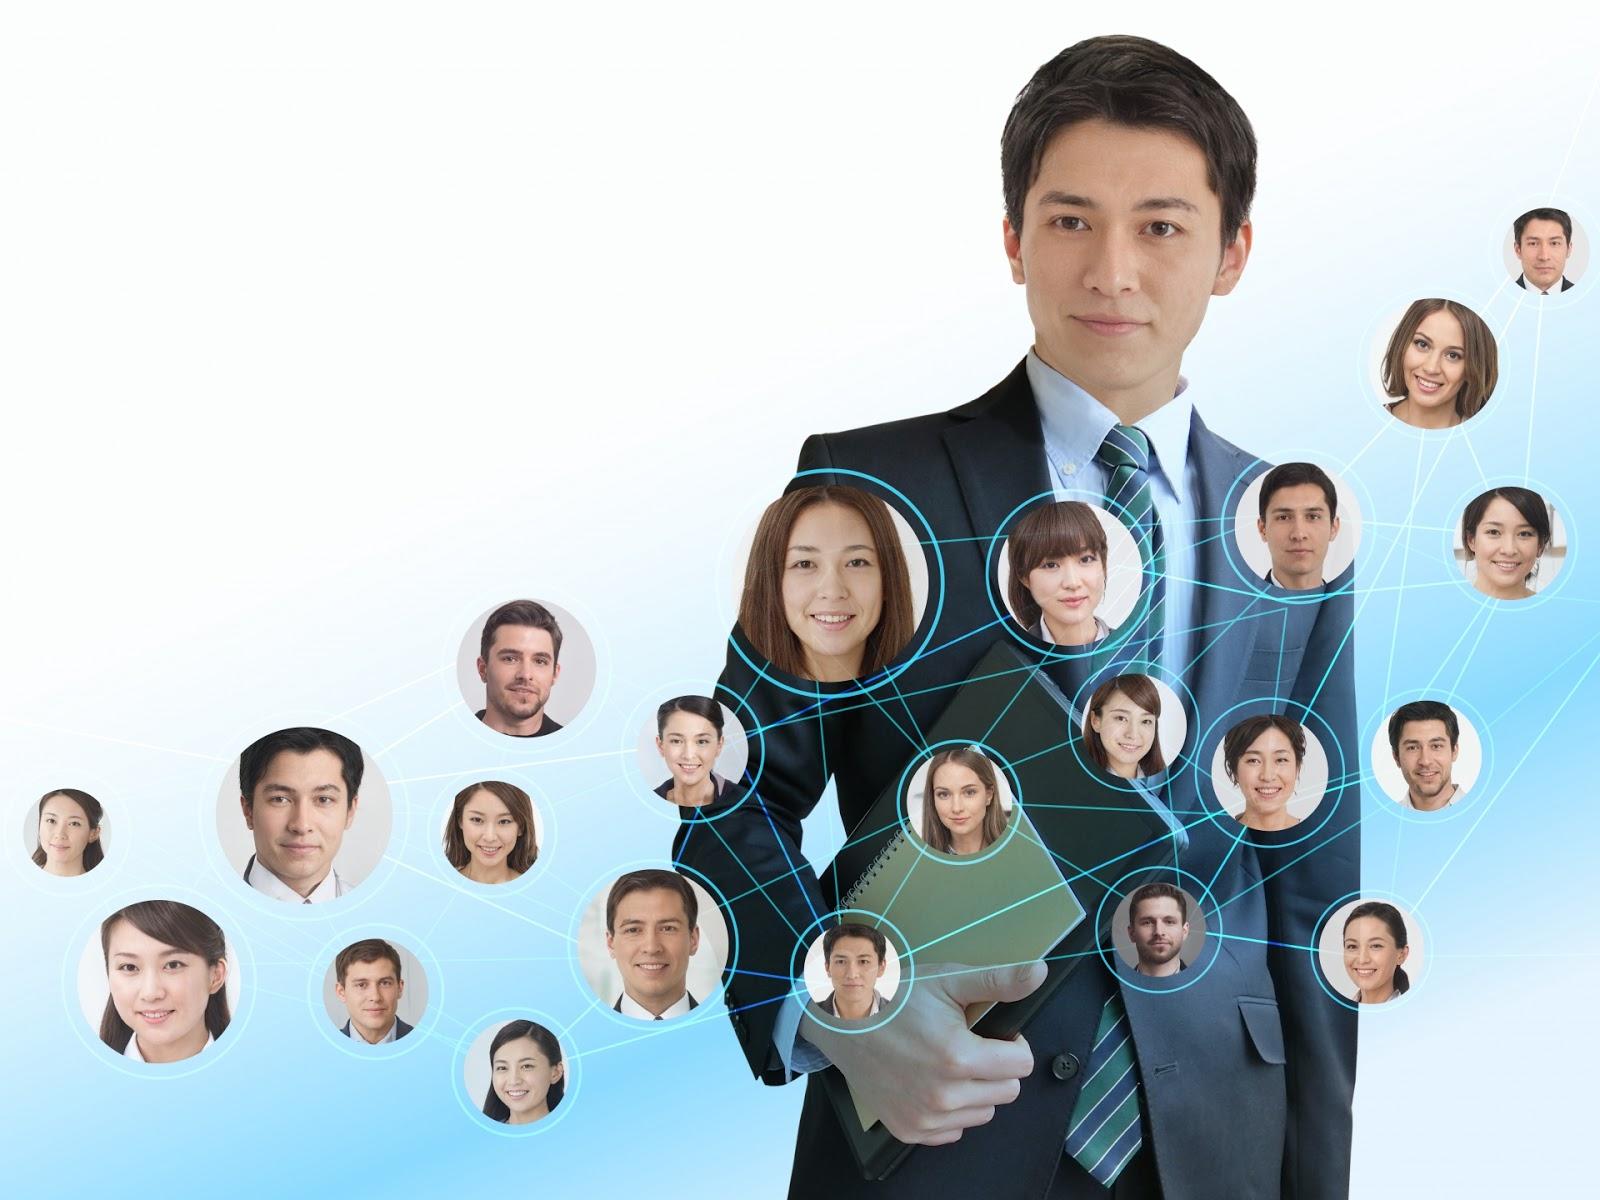 「ピープルアナリティクス」で企業の持続的な発展につなげる!データという視点から企業の課題を認識